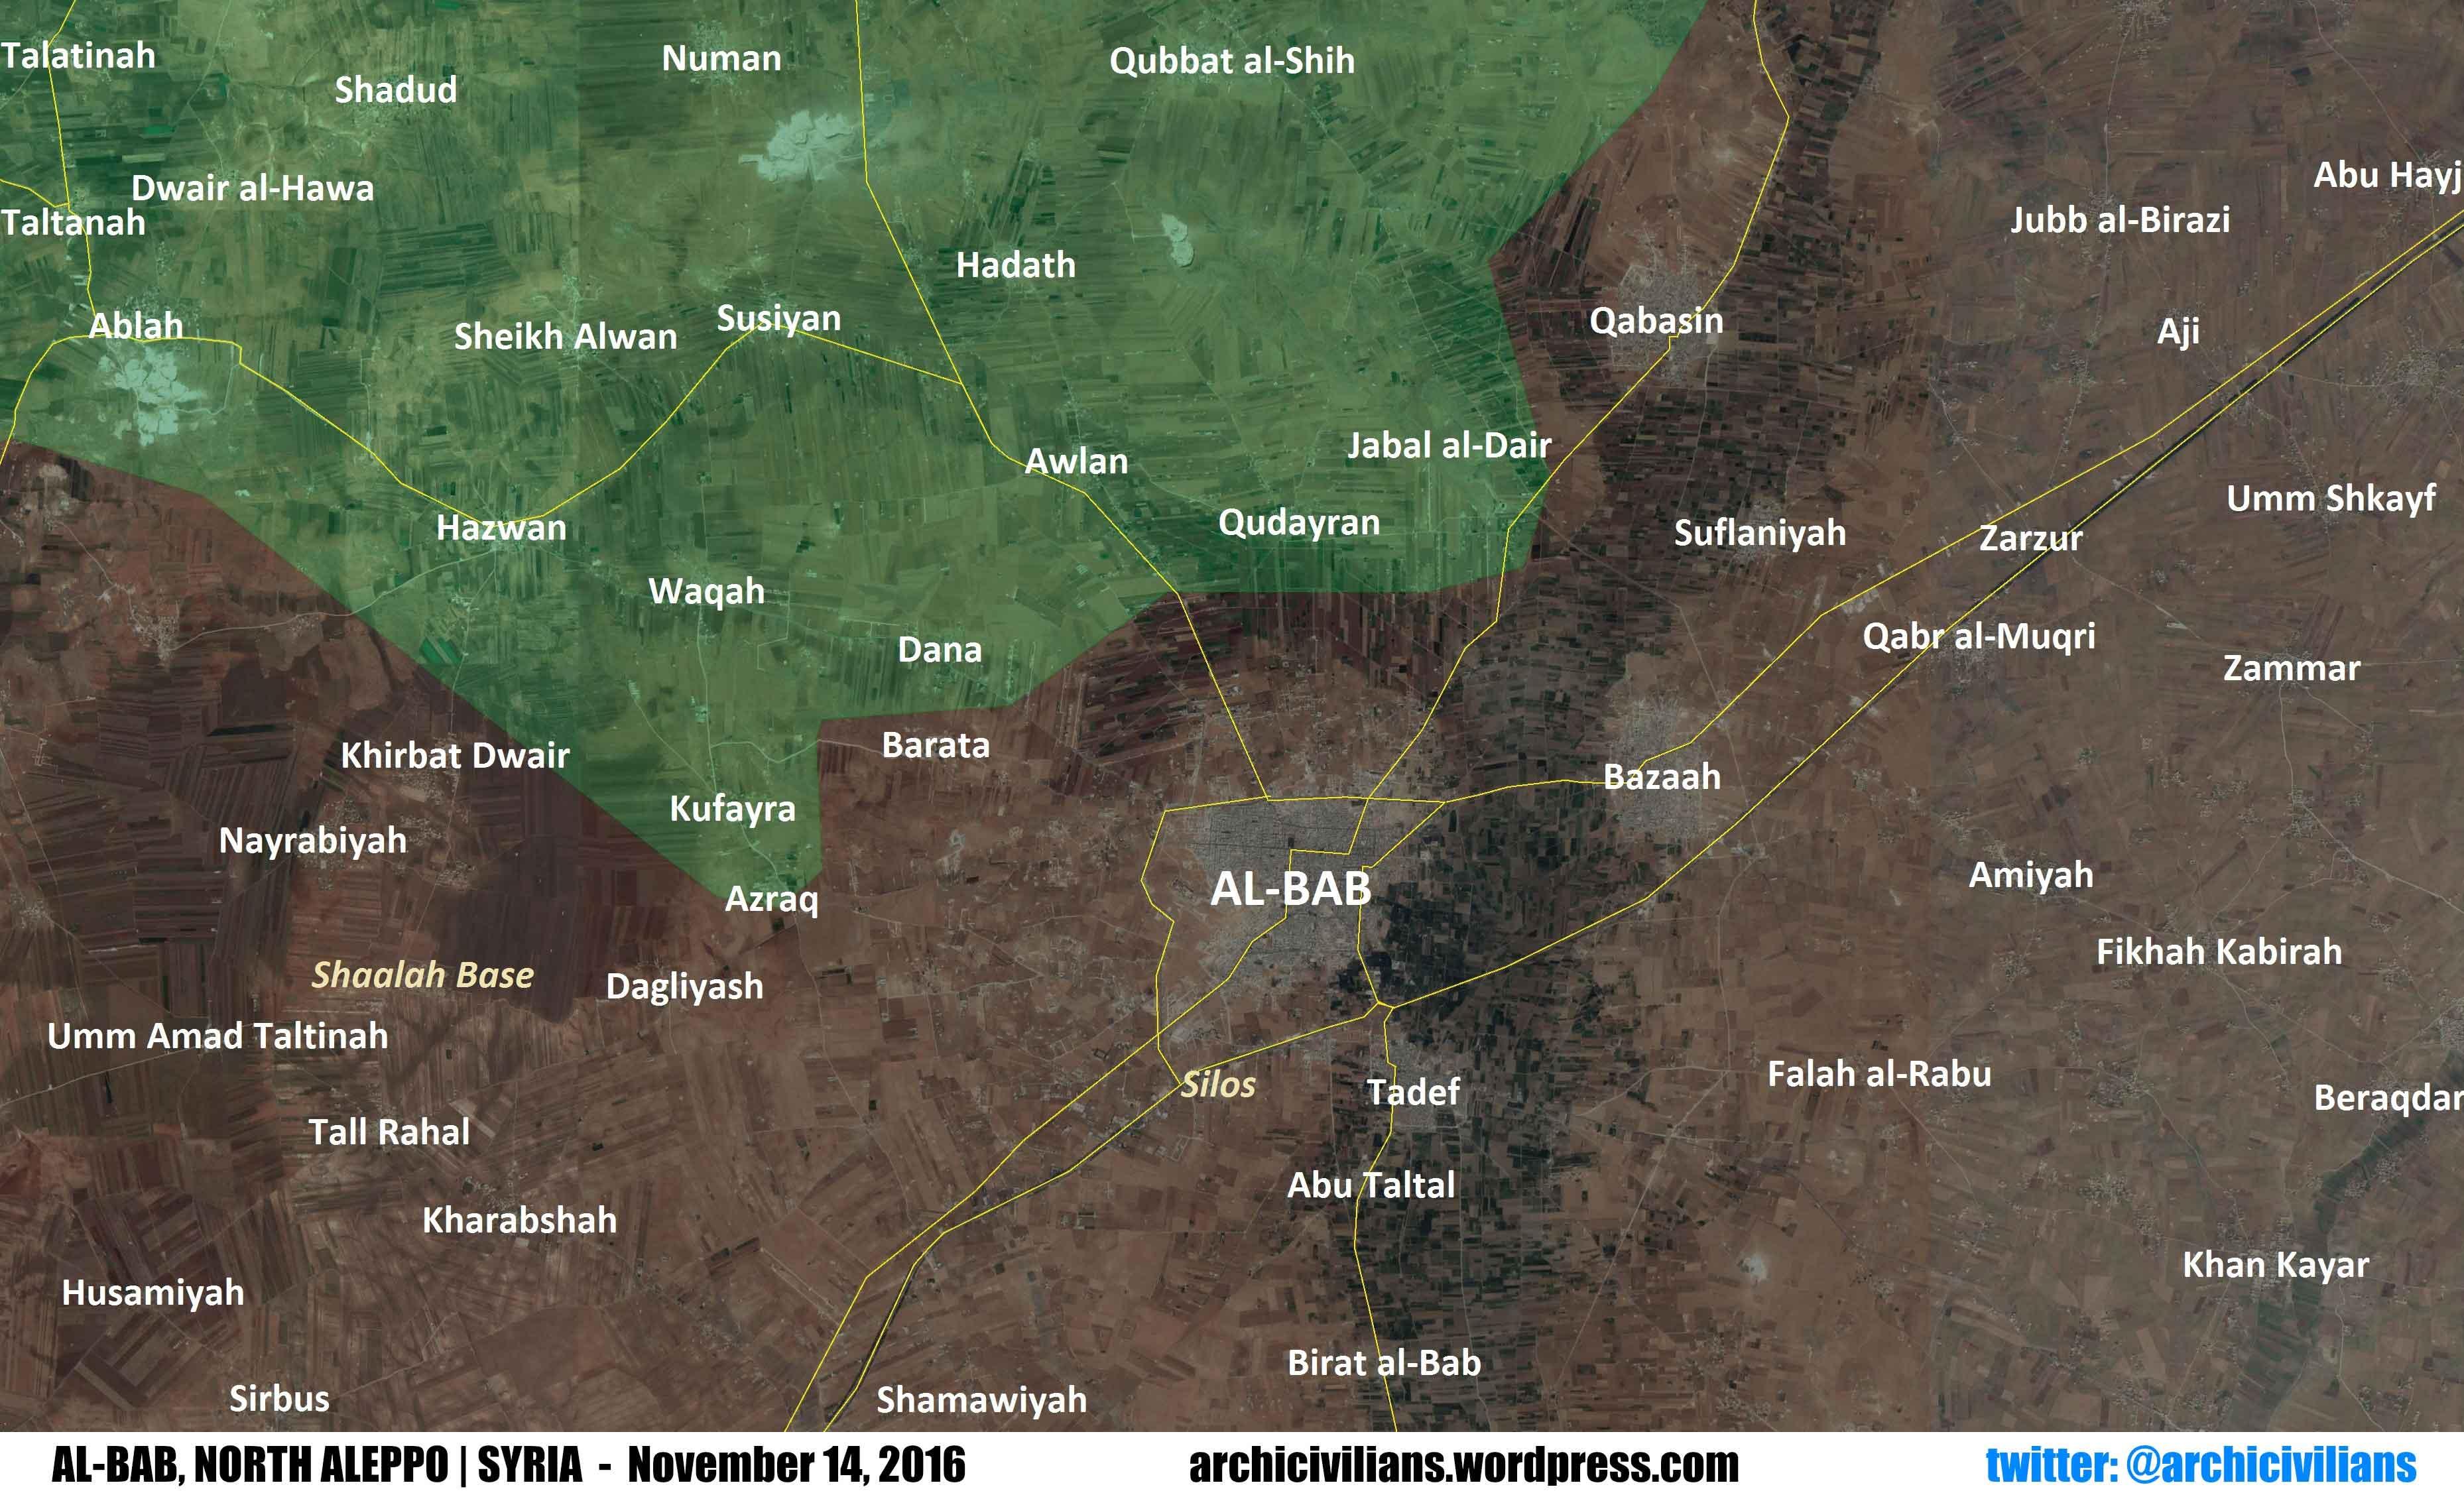 Карта: расстановка сил в районе города Аль-Баб, Северный Алеппо, Сирия